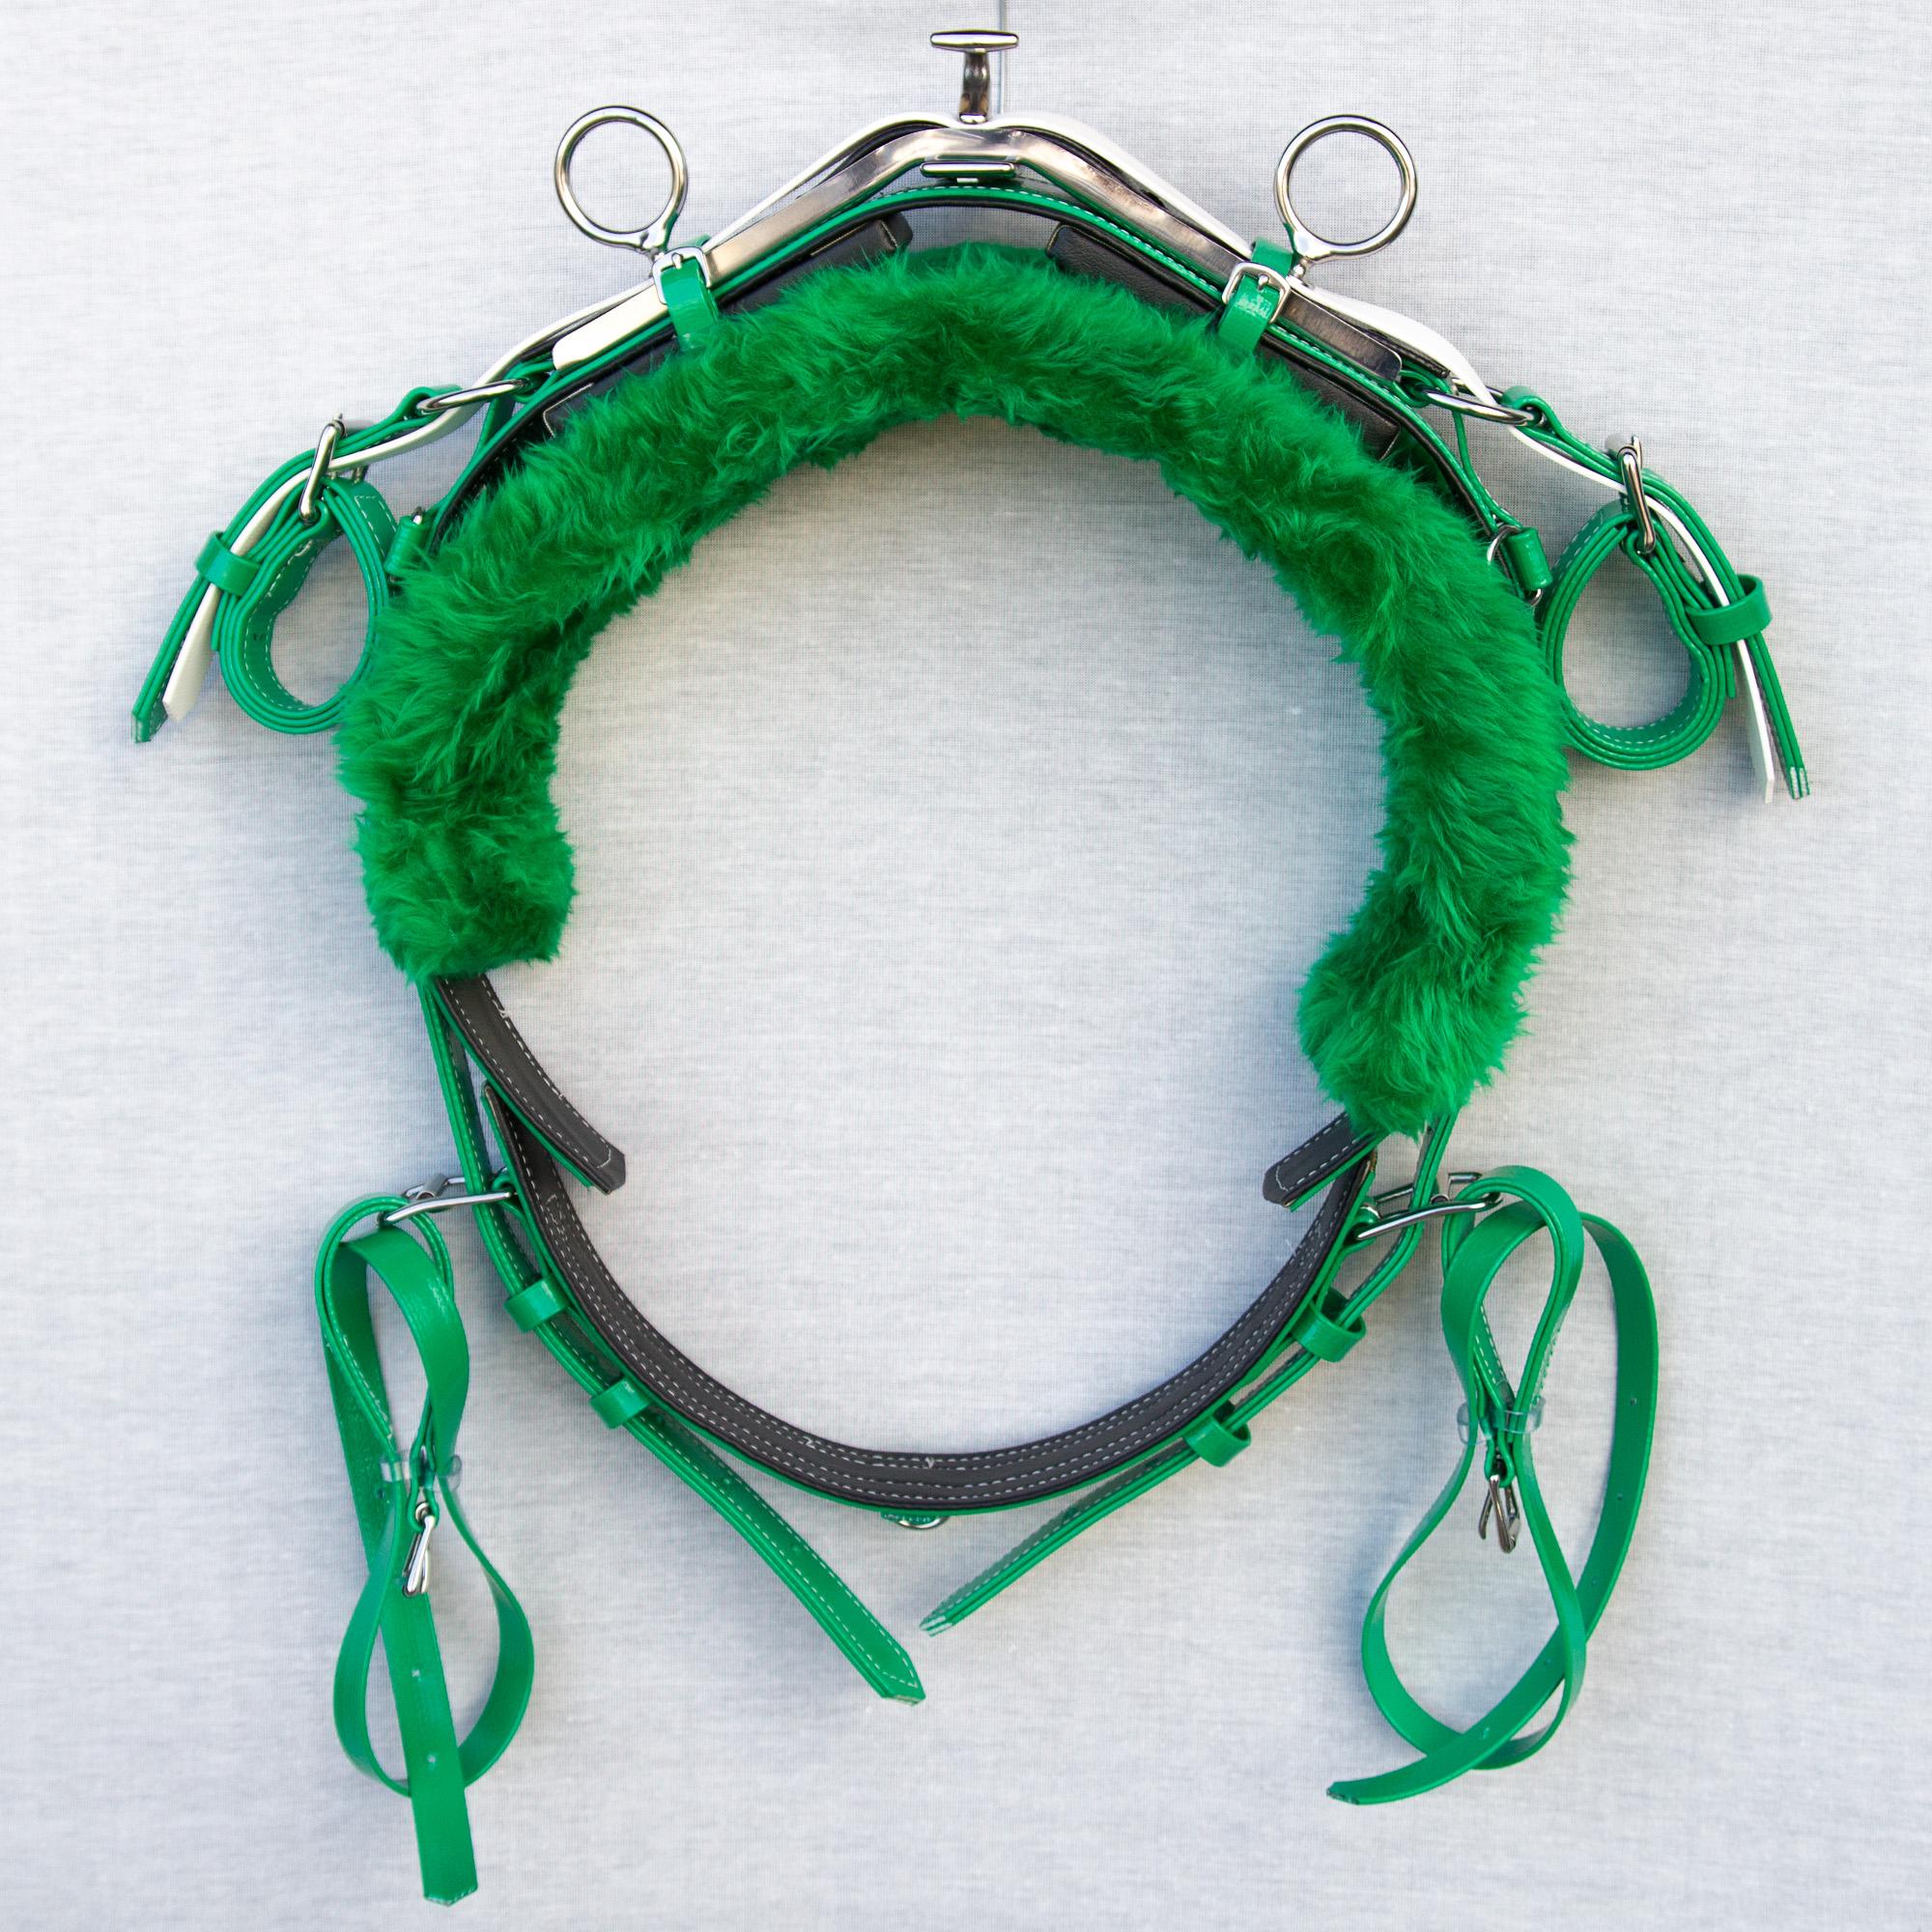 Harness-Mini-TD-Green-7.jpg